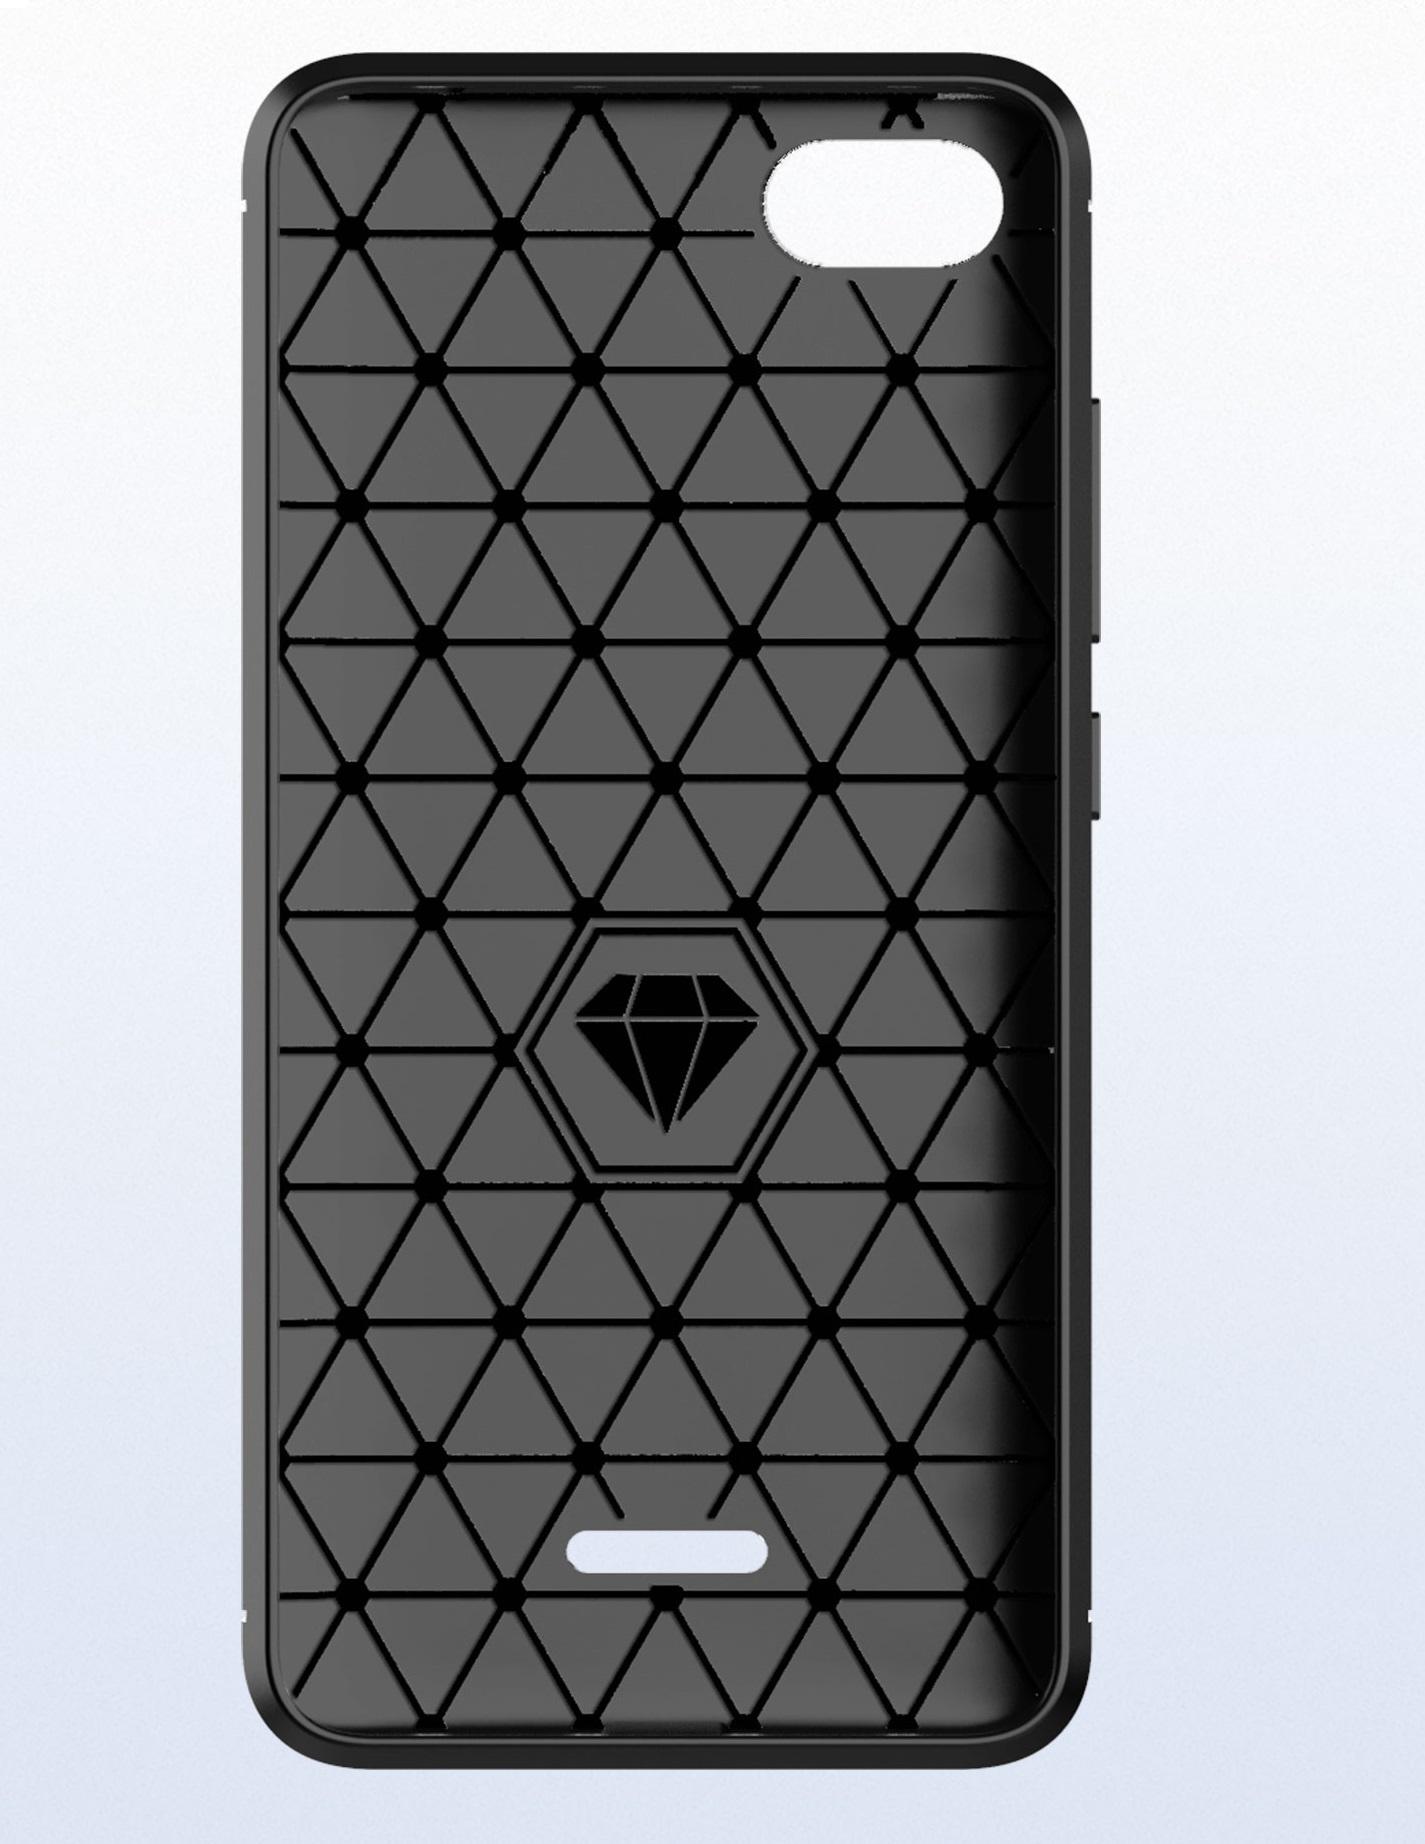 Чехол для Xiaomi Redmi 6A цвет Black (черный), серия Carbon от Caseport